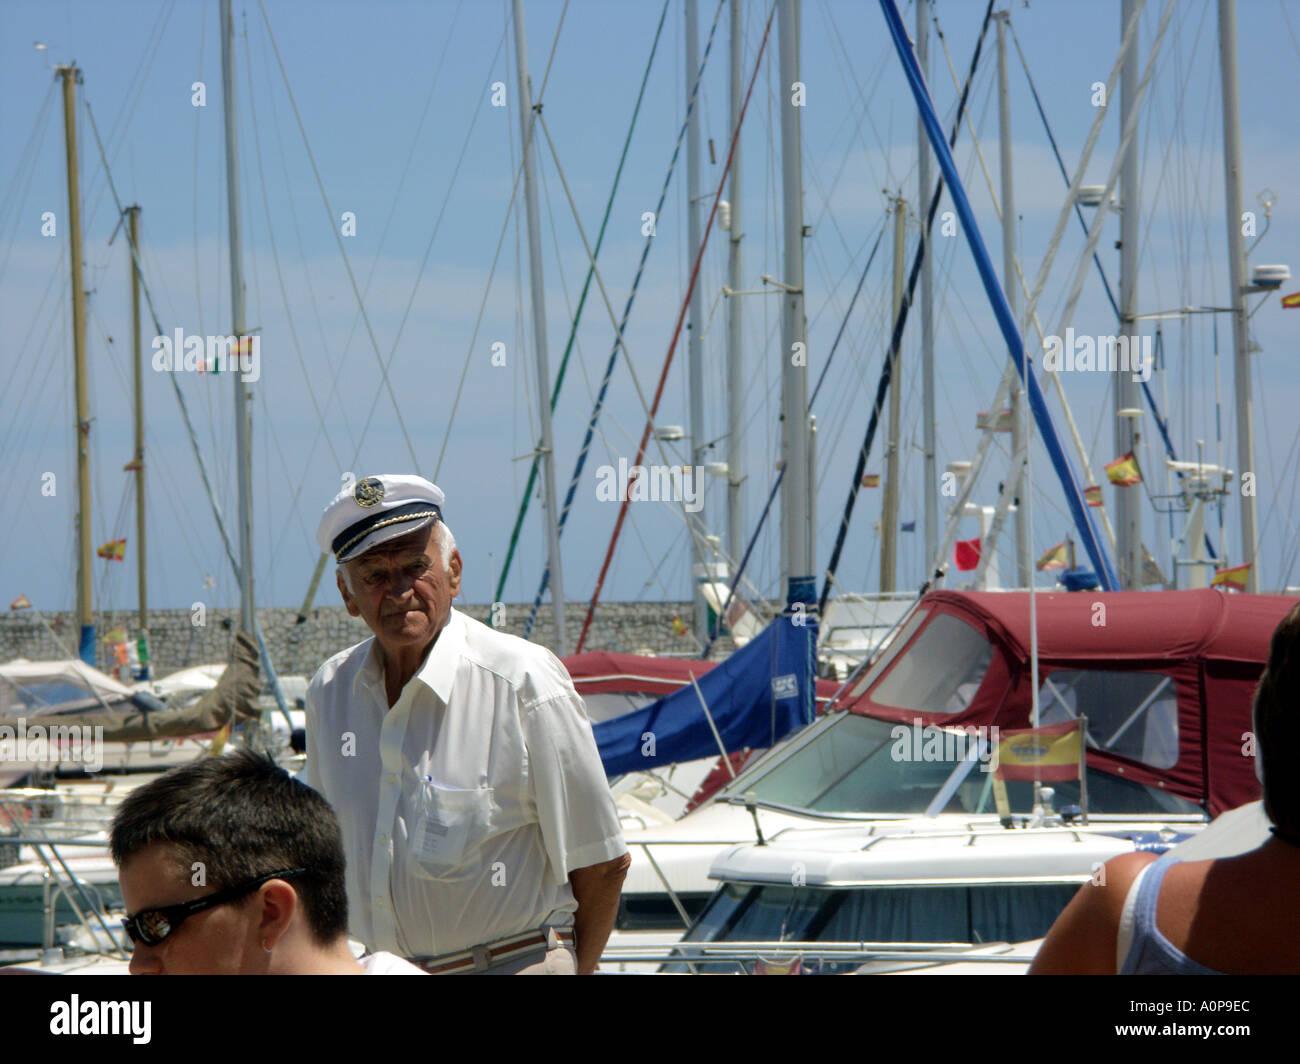 An Old Sailor Puerto Deportivo de Fuengirola Fuengirola Port Costa del Sol Spain - Stock Image